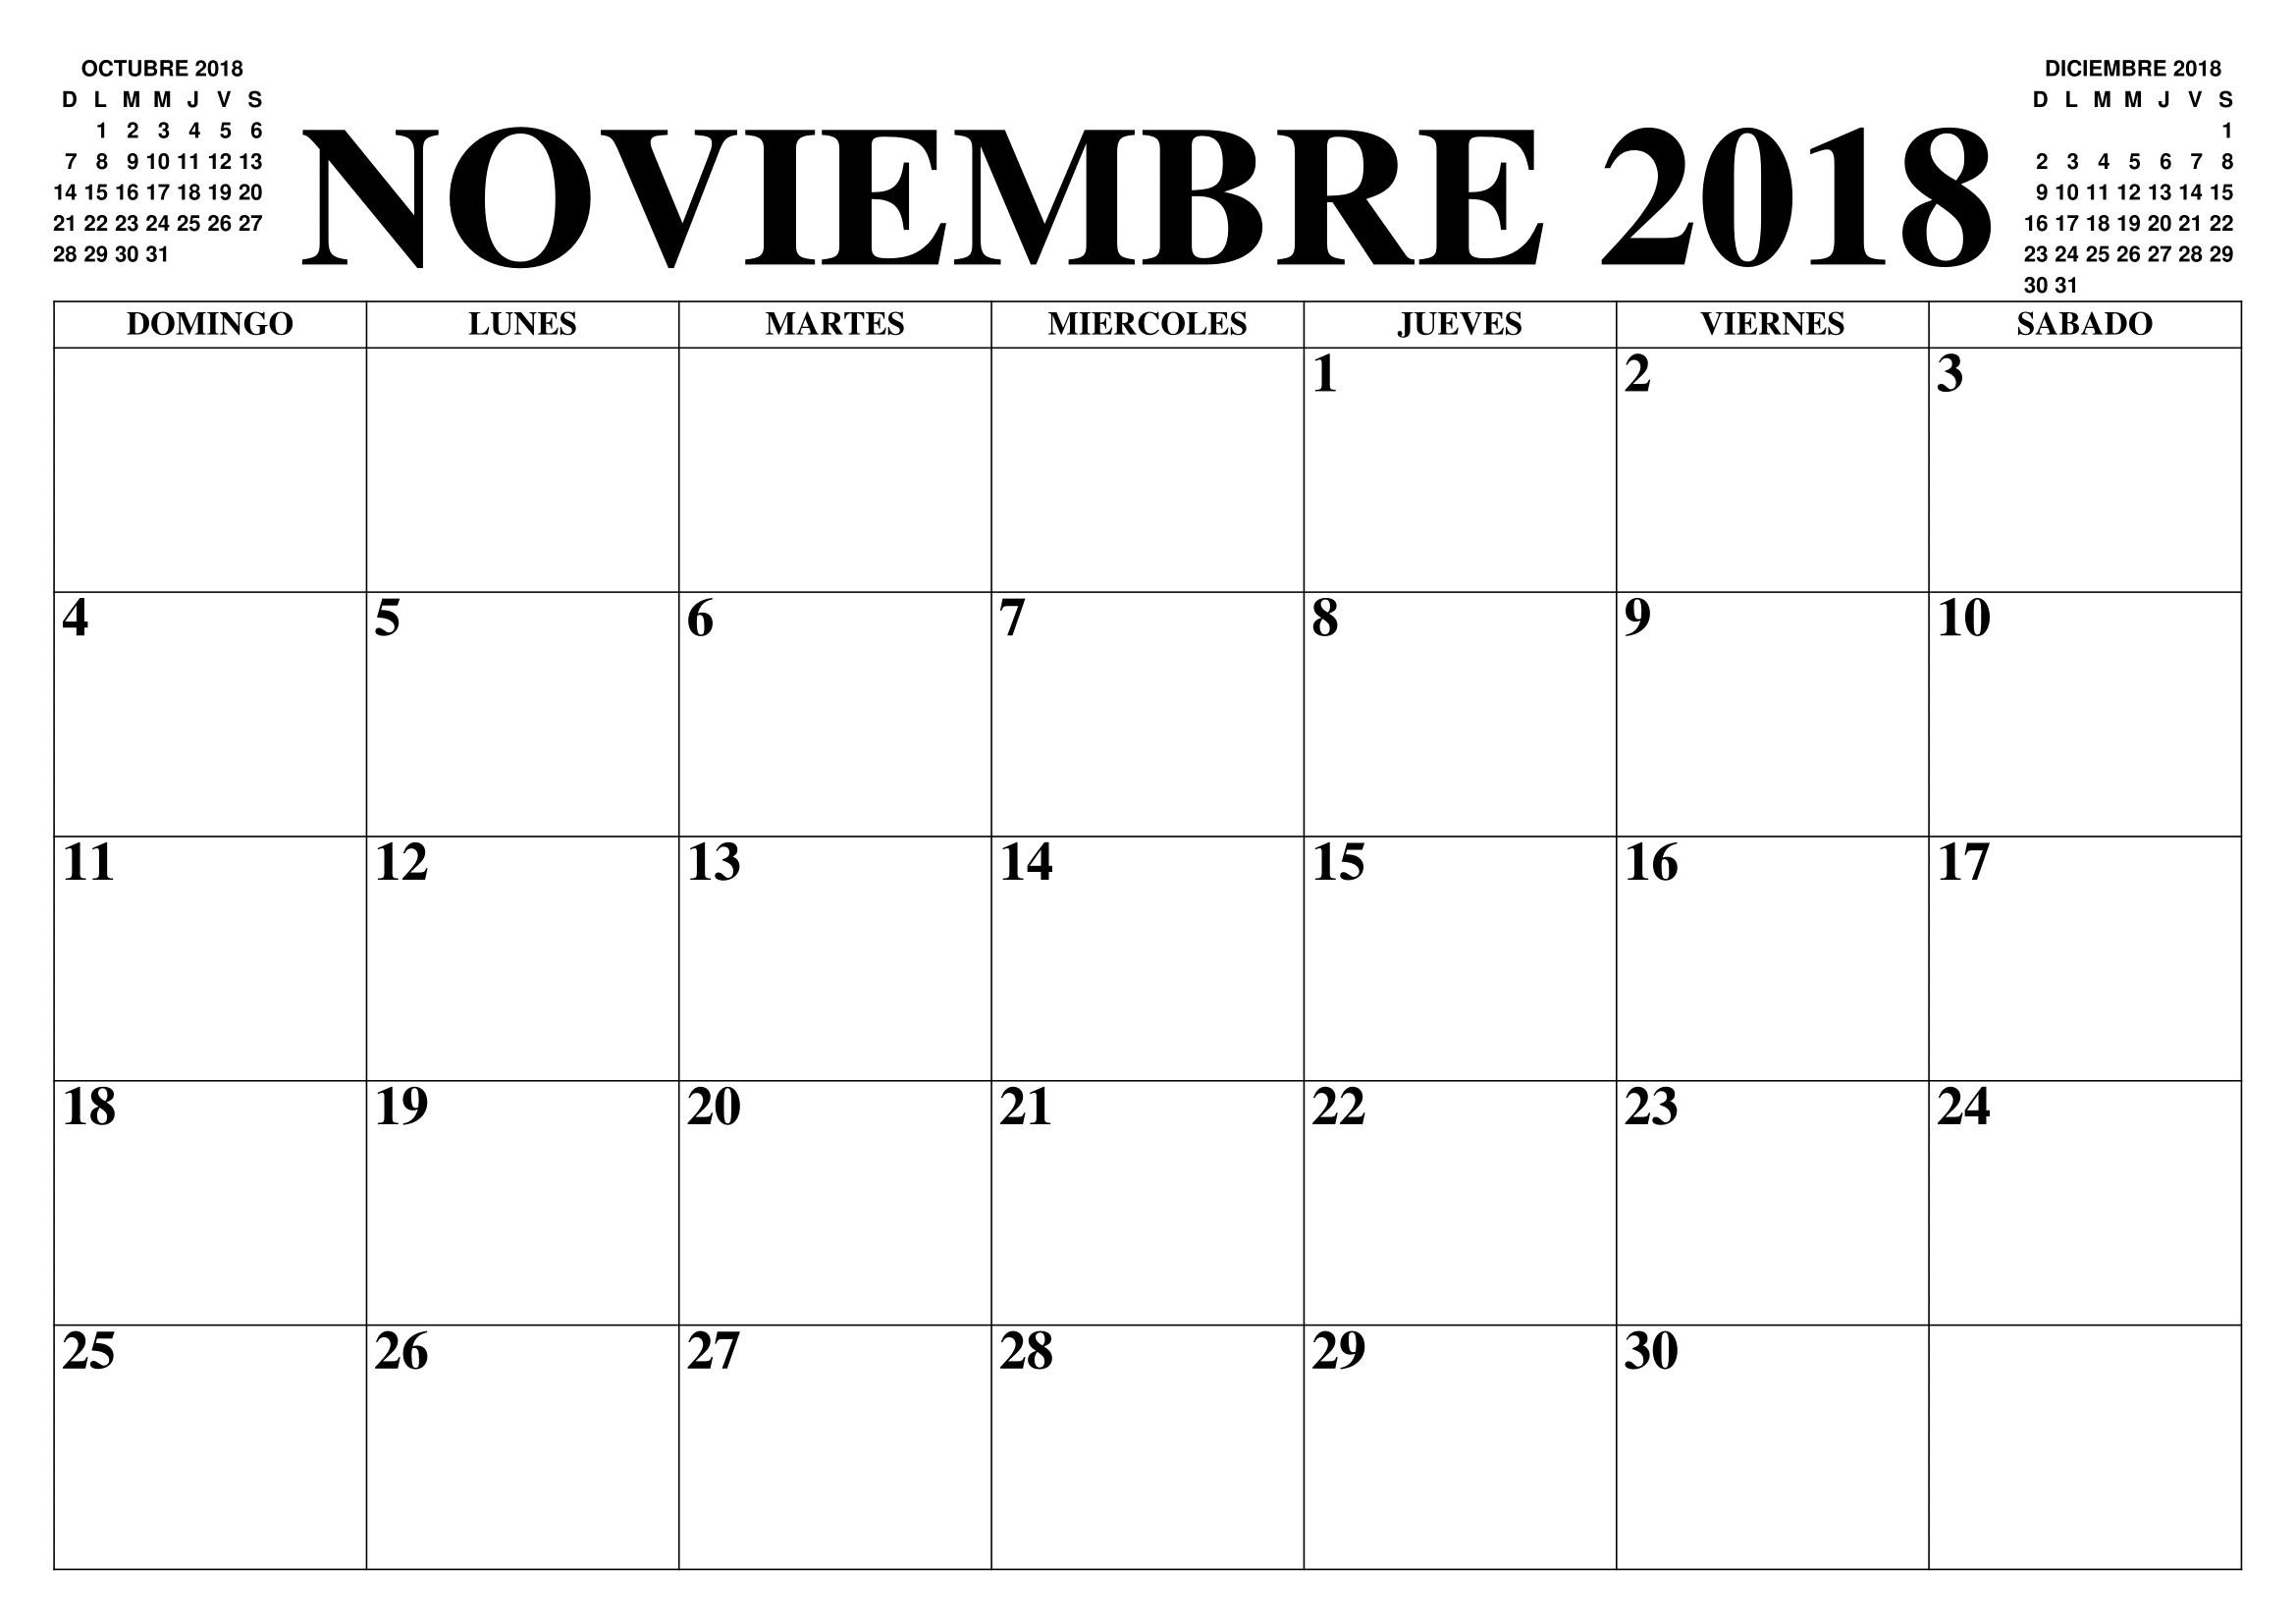 Calendario Noviembre 2017 Imprimir Gratis Mejores Y Más Novedosos Calendario Noviembre 2018 Colombia Of Calendario Noviembre 2017 Imprimir Gratis Mejores Y Más Novedosos Kalender Jawa November 2018